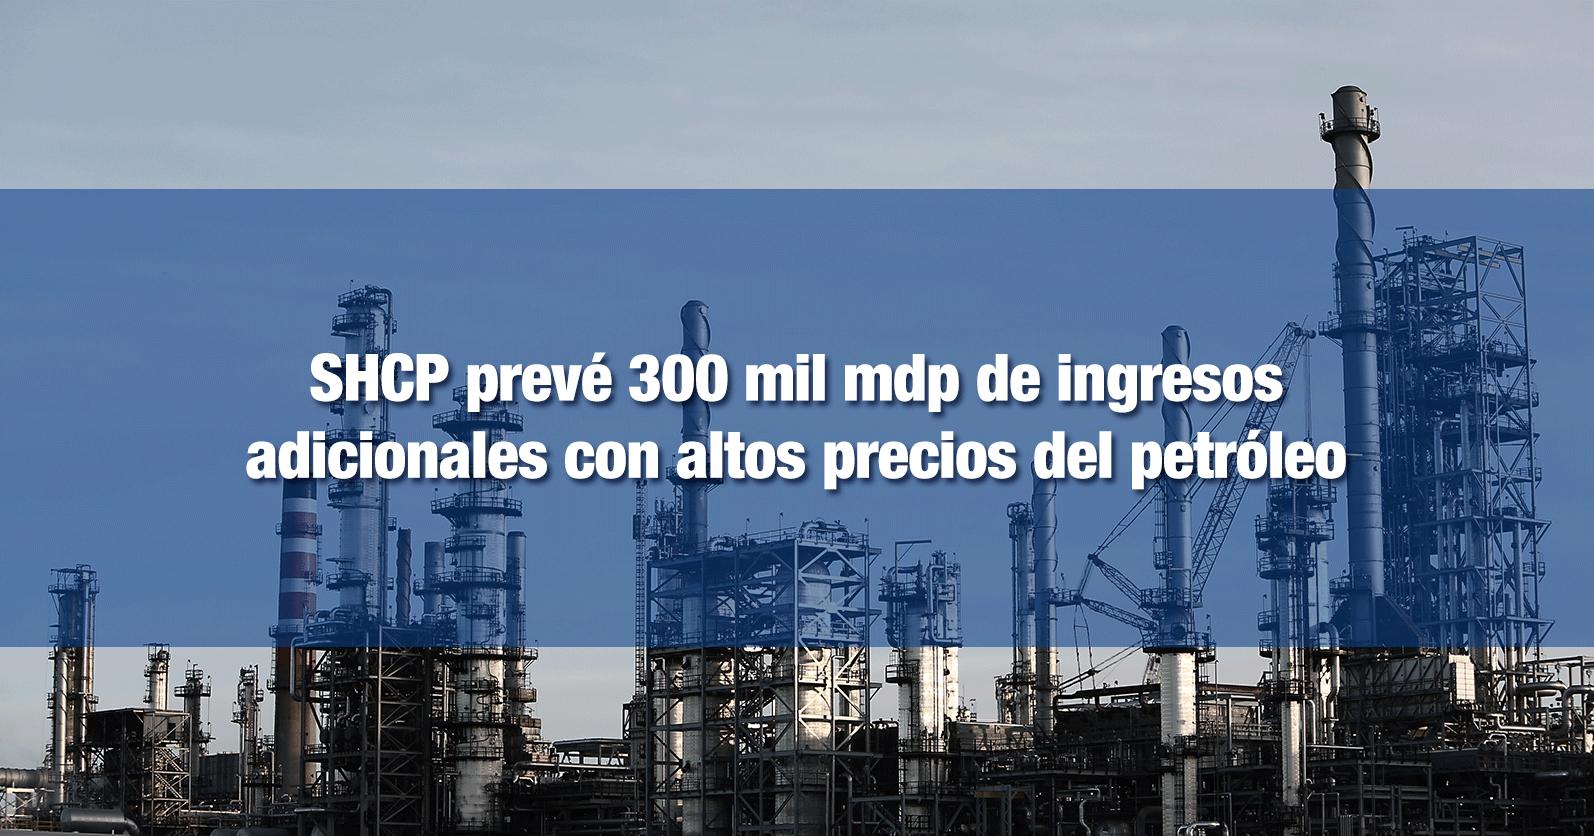 SHCP prevé 300 mil mdp de ingresos adicionales con altos precios del petróleo